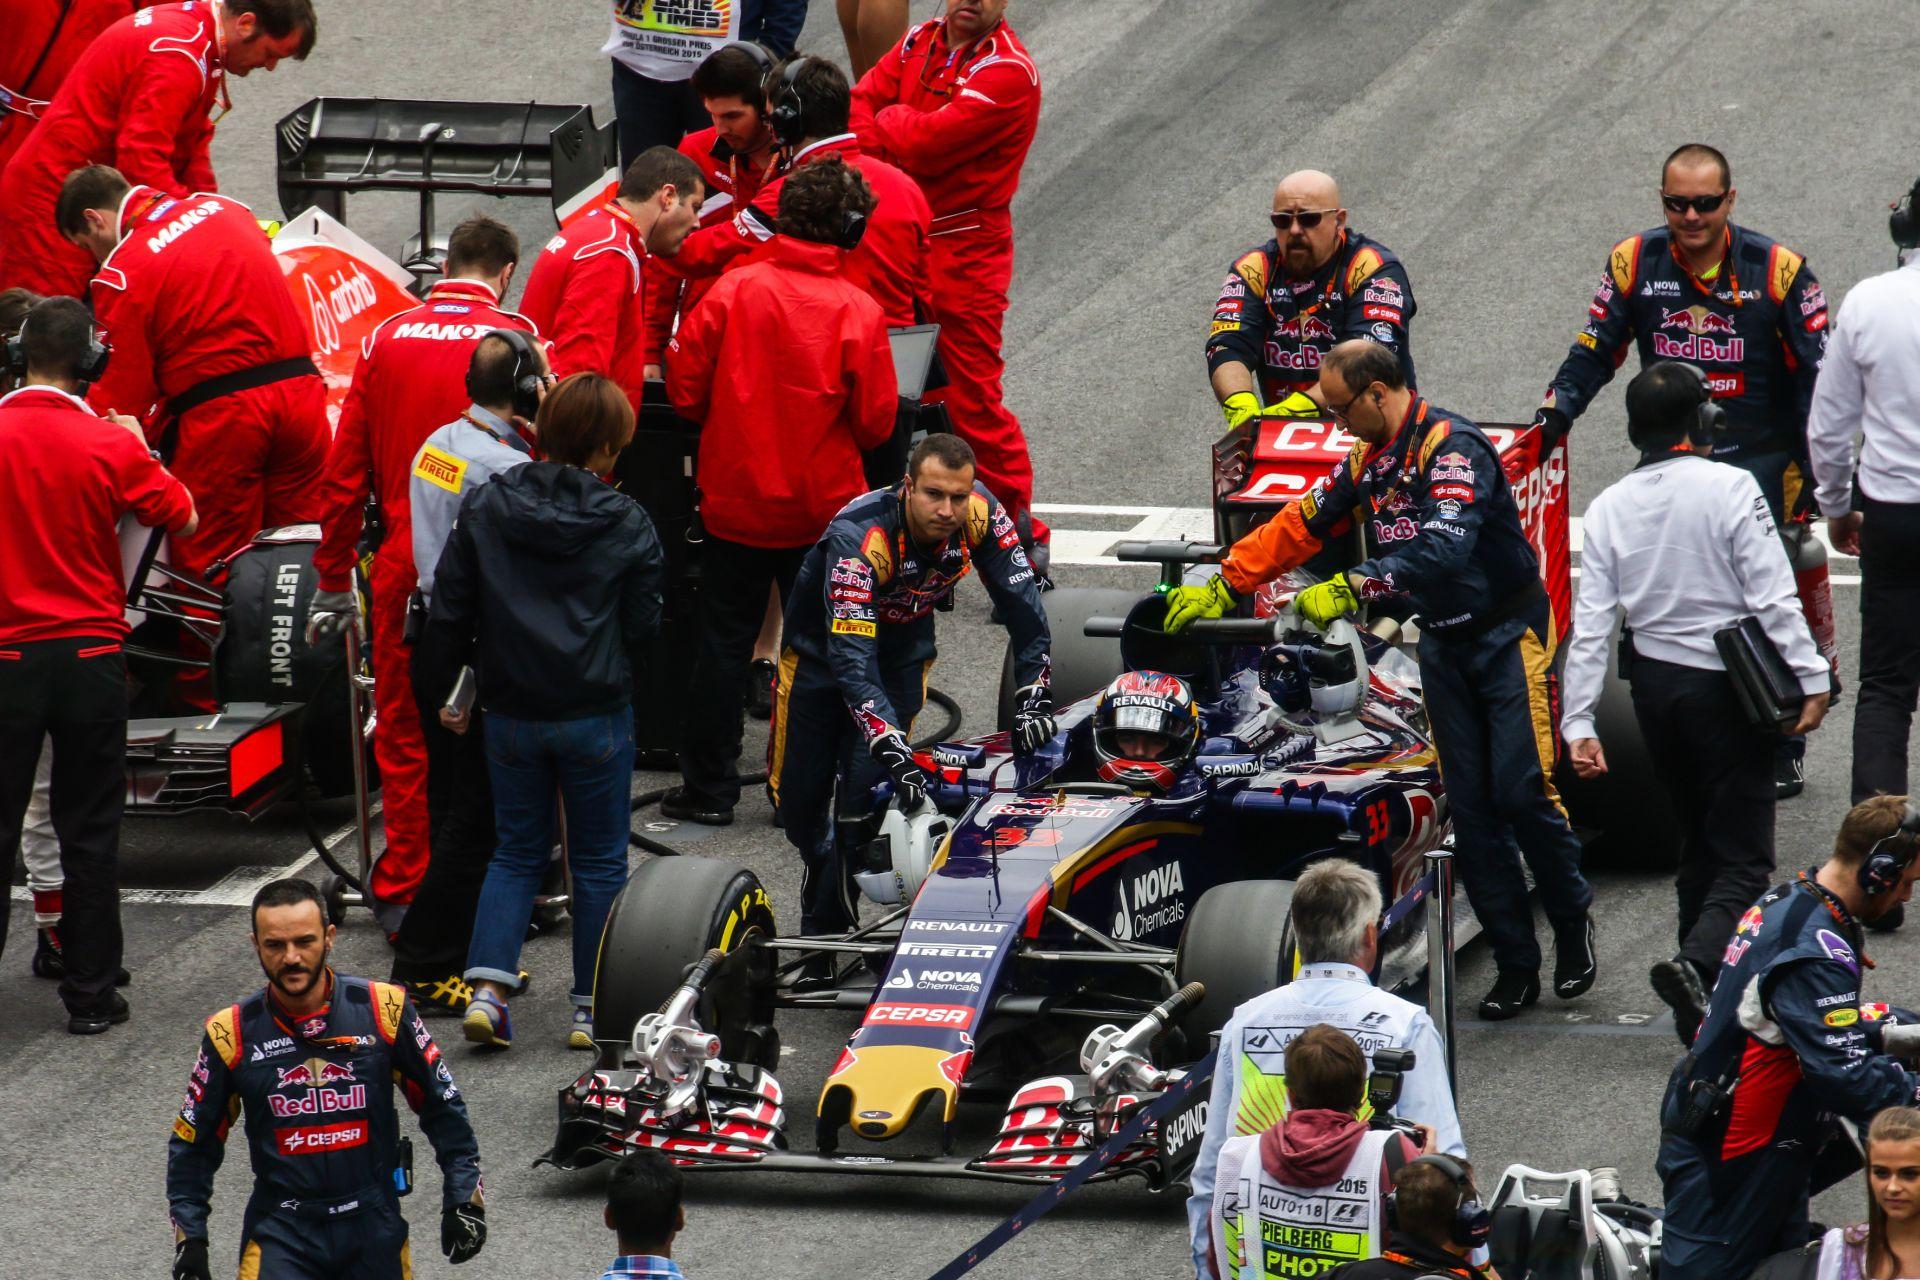 Teljes egészében a 2015-ös F1-es Osztrák Nagydíj: Red Bull Ring